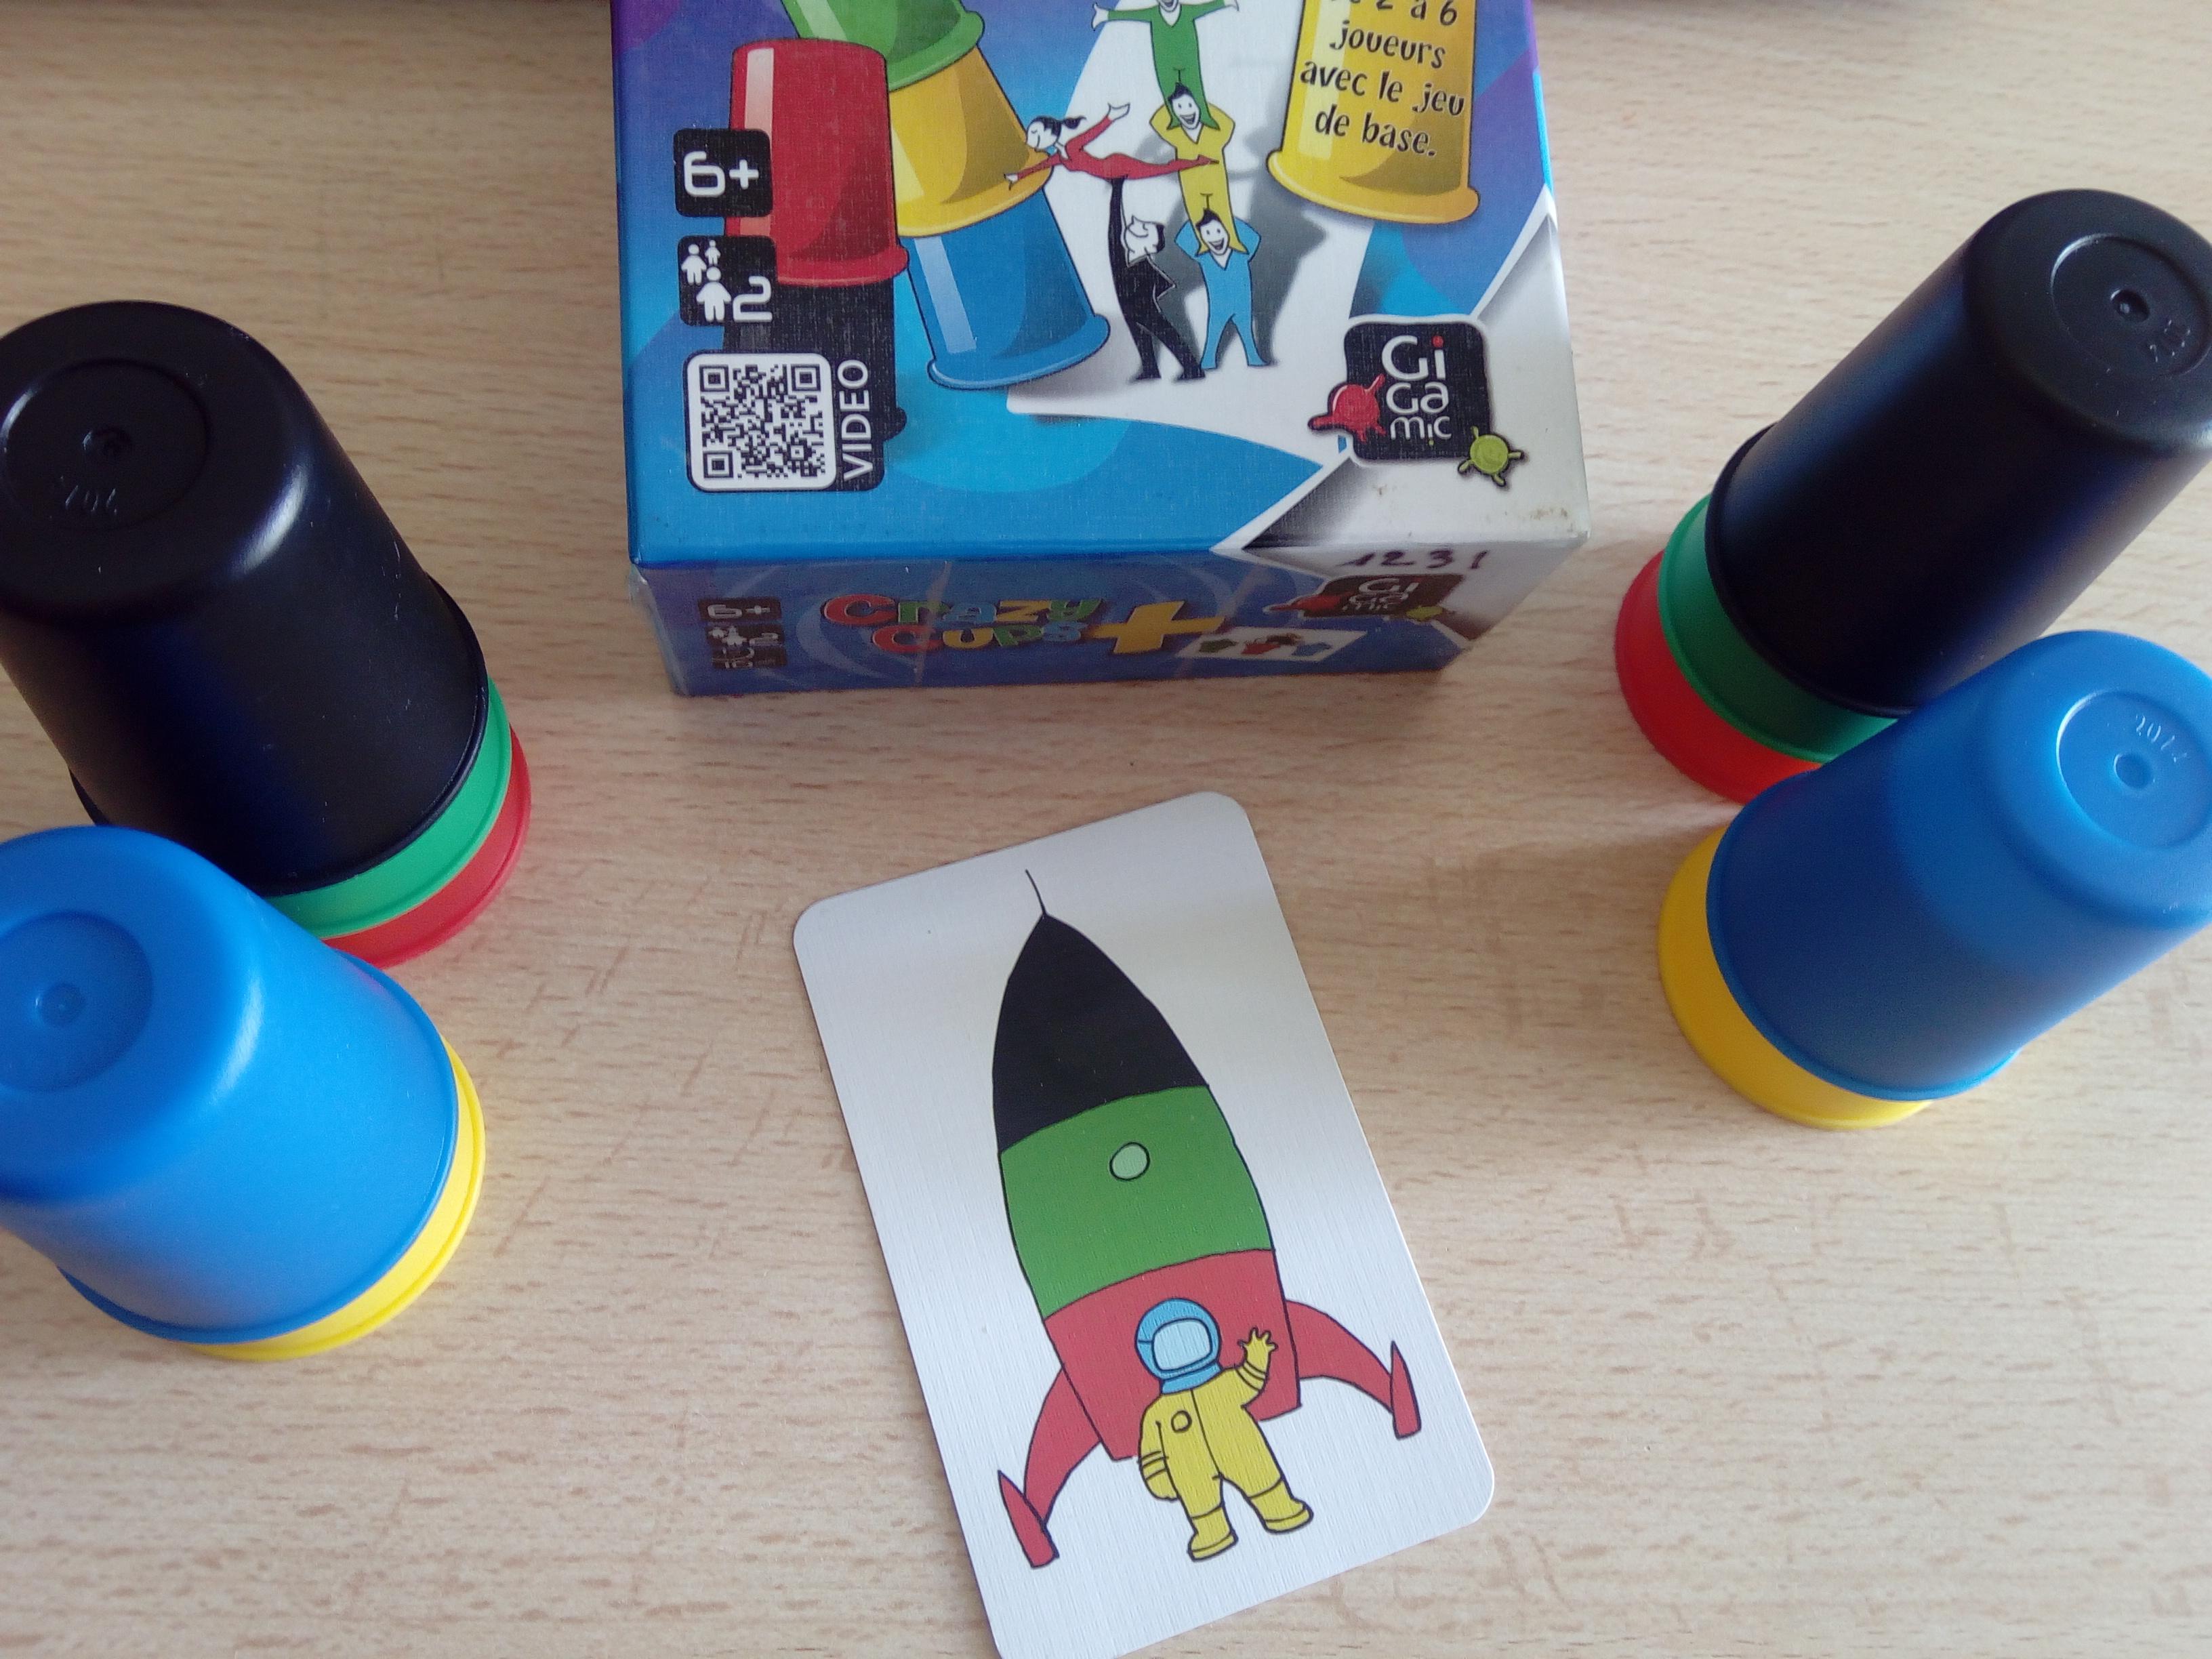 cray cups jeu réflexion enfant